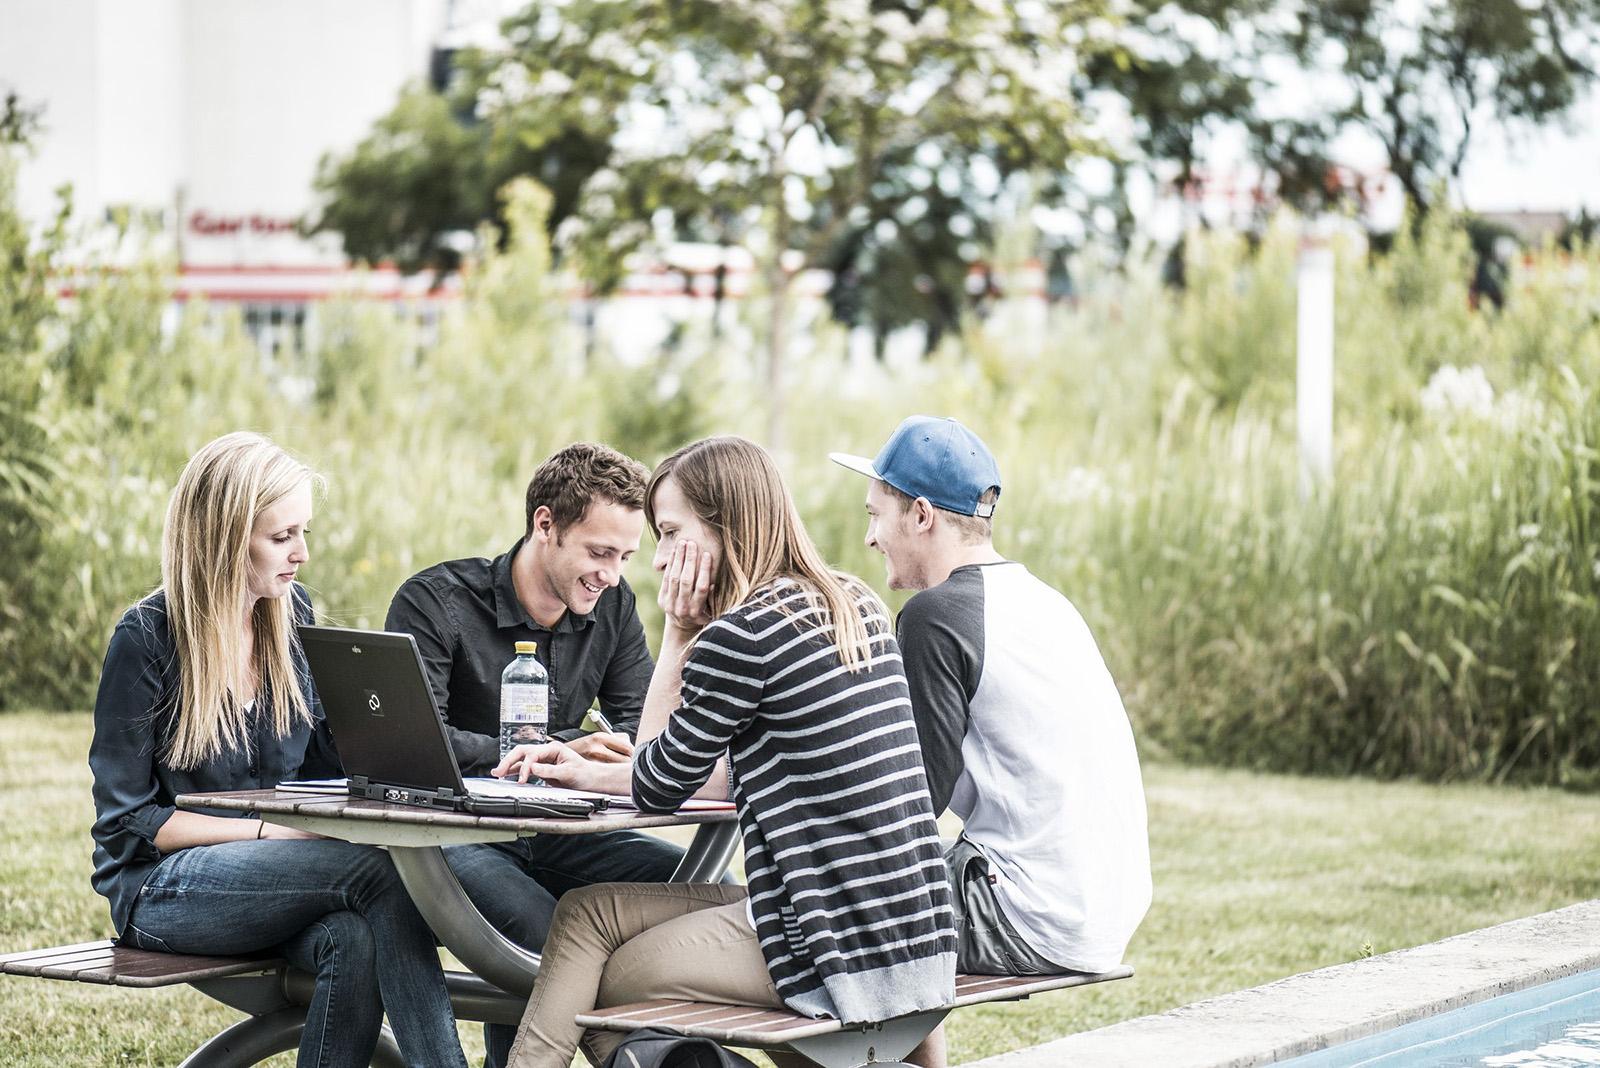 Vier FH Studenten sitzen im Freien auf einer Bank und lernen gemeinsam